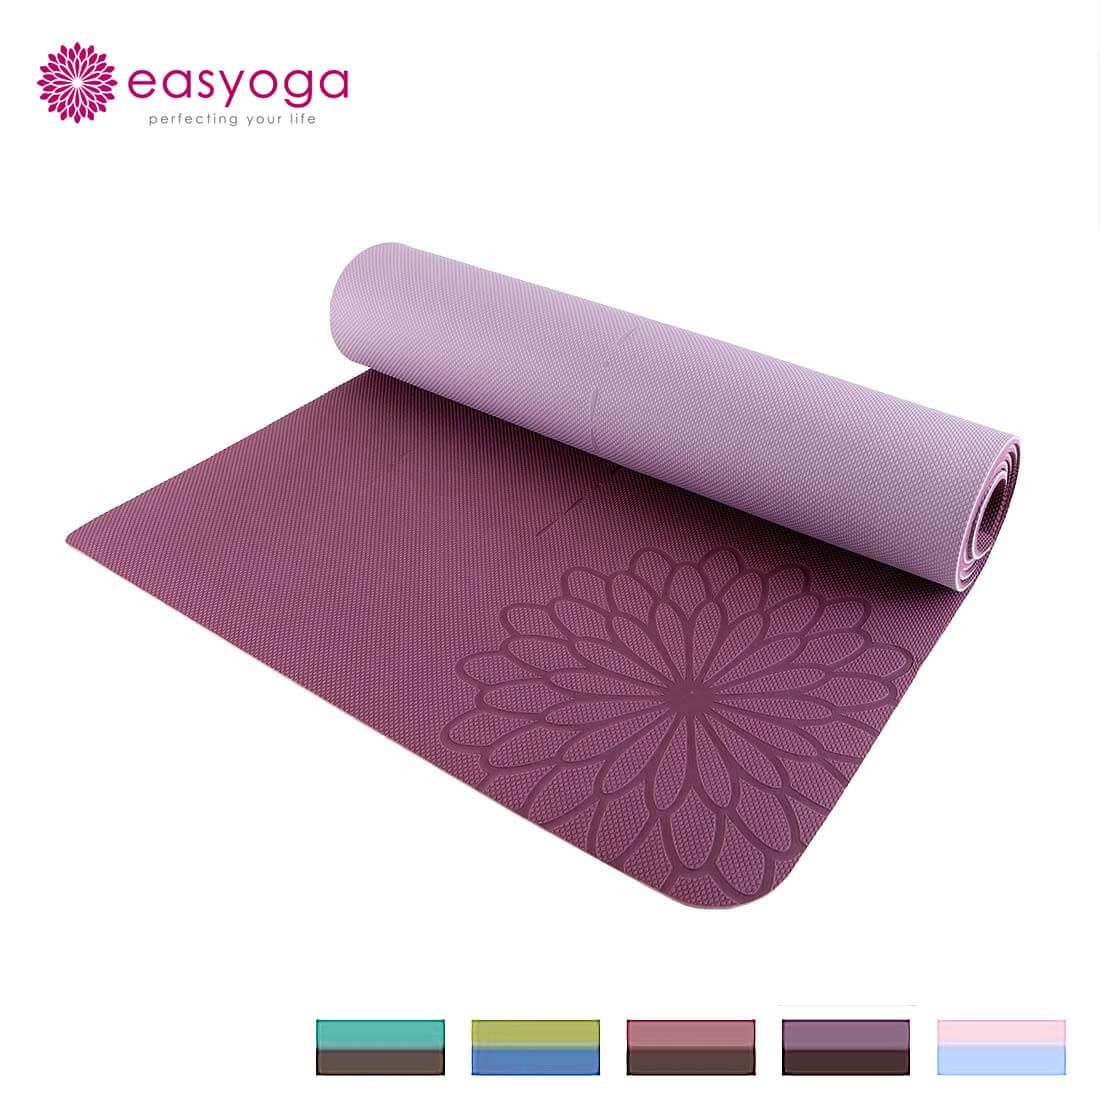 easyoga イージーヨガ エコ ダブルフェイスヨガマット 5mm厚 リバーシブル ヨガマット 送料無料 即納 easy yoga